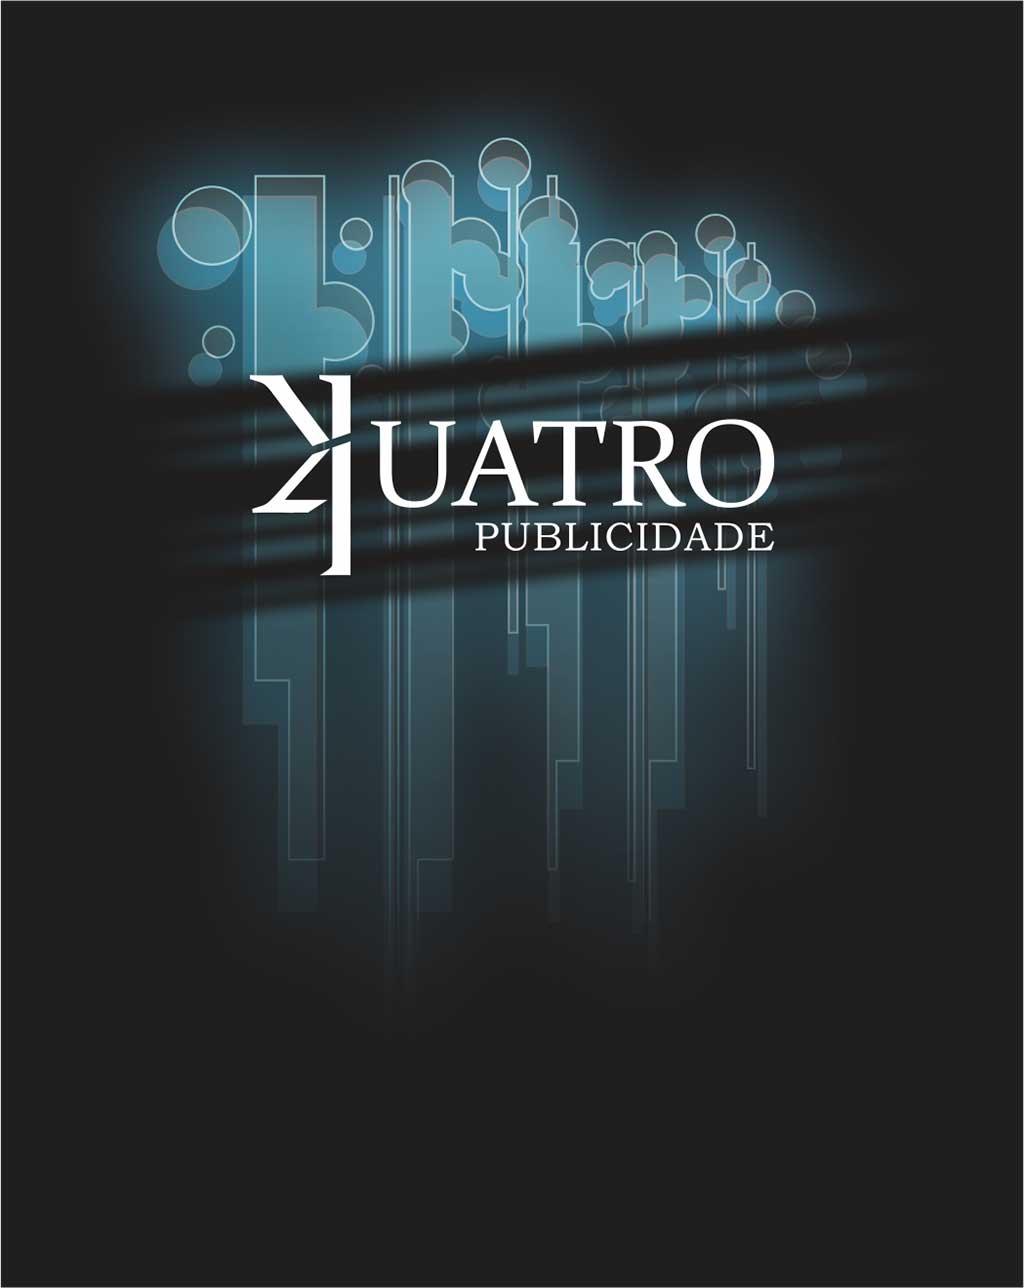 KUATRO